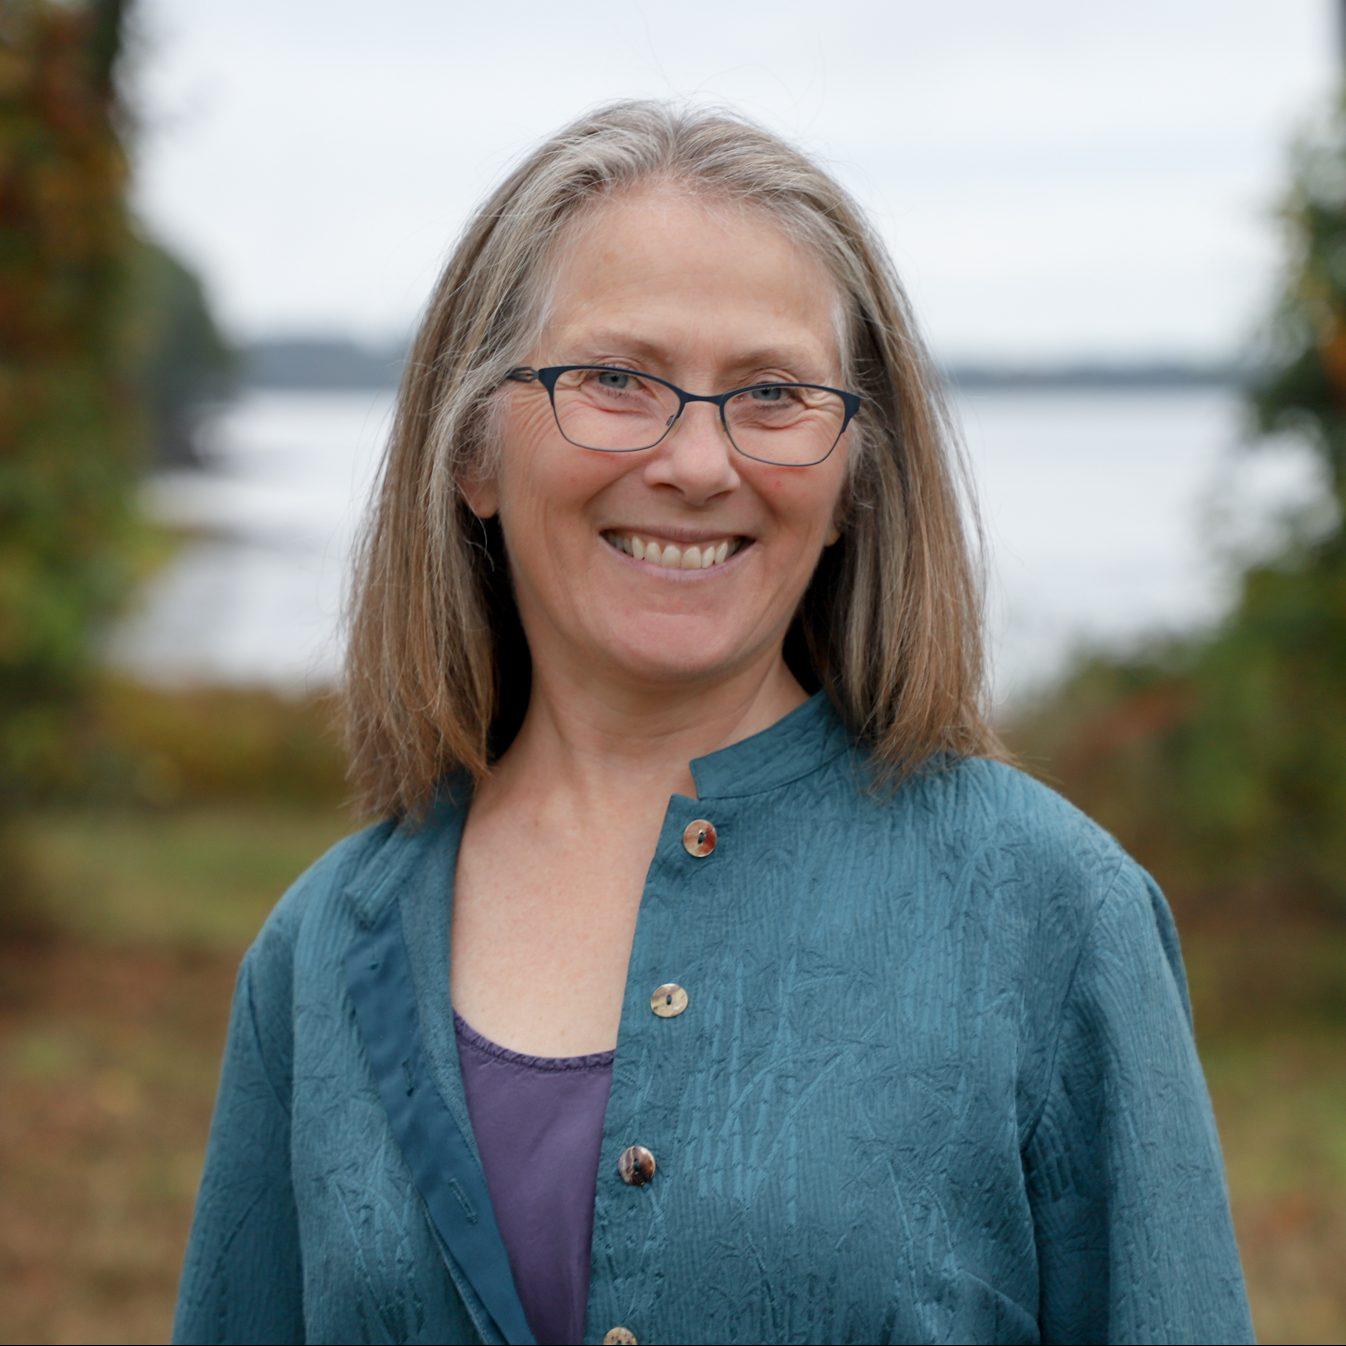 Annette M. Hanson, Jungian Analyst & Psychotherapist